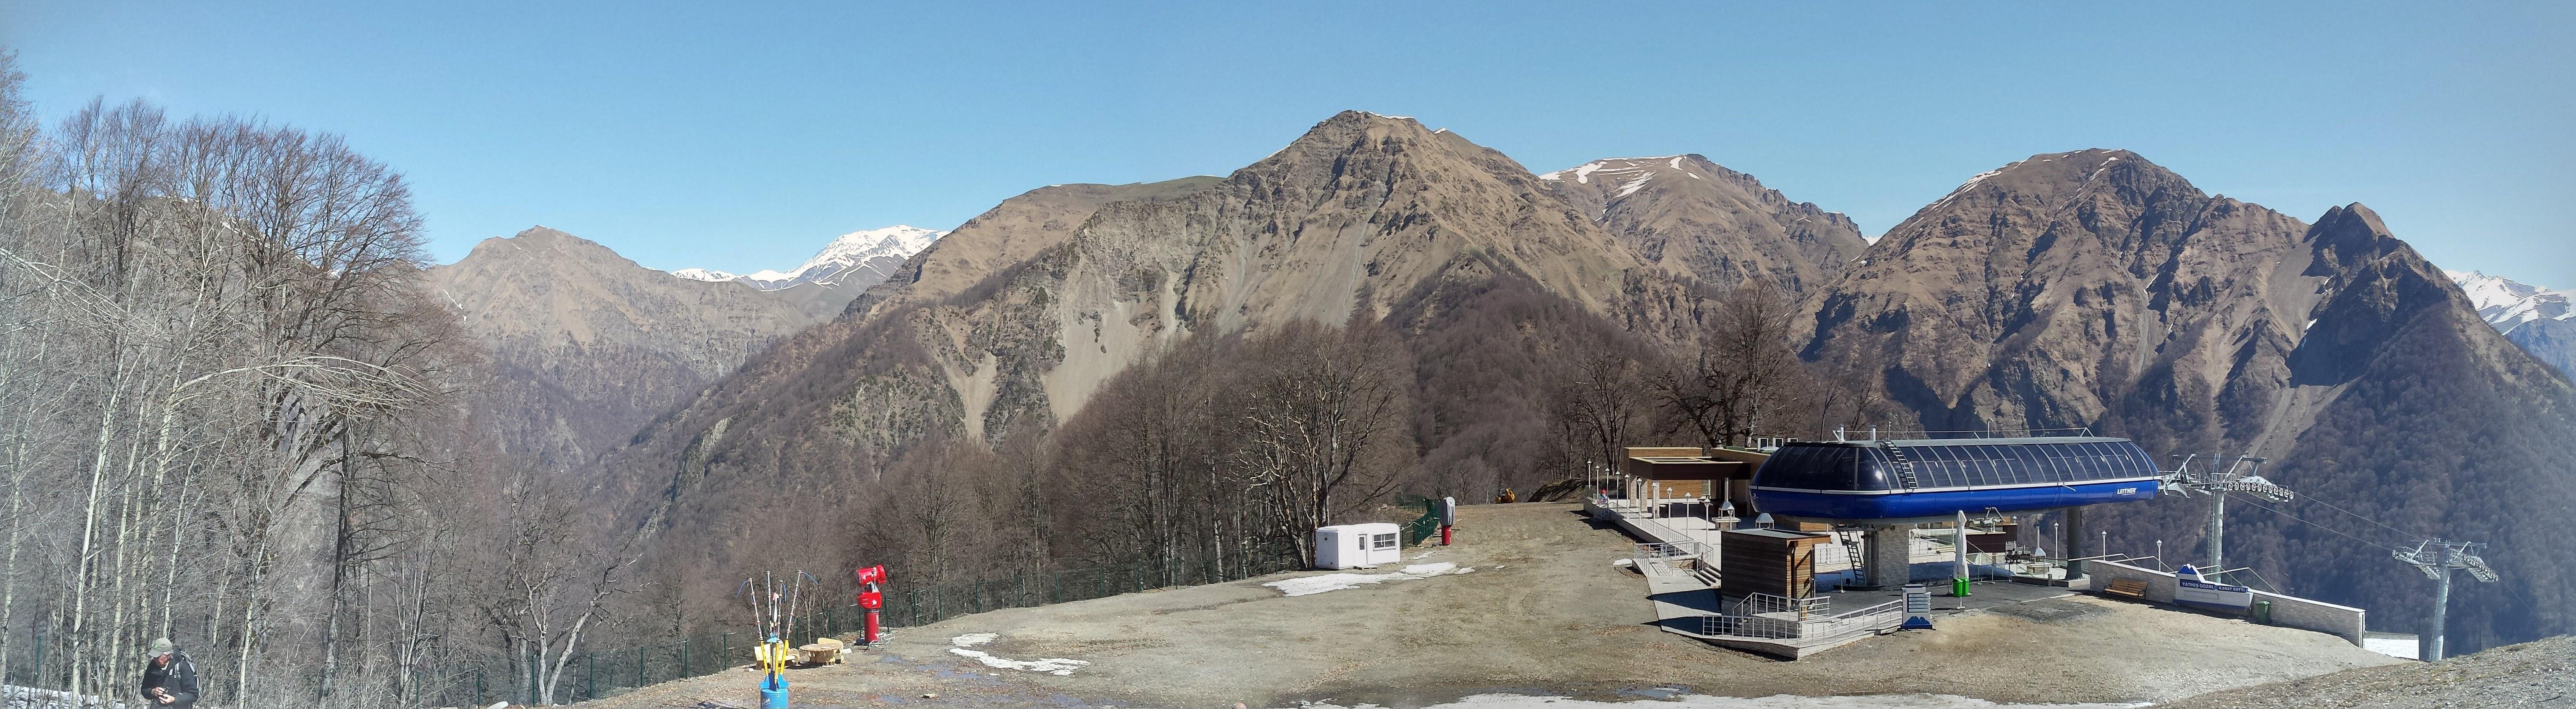 Laza aan de zuidzijde van de Hoge Kaukasus